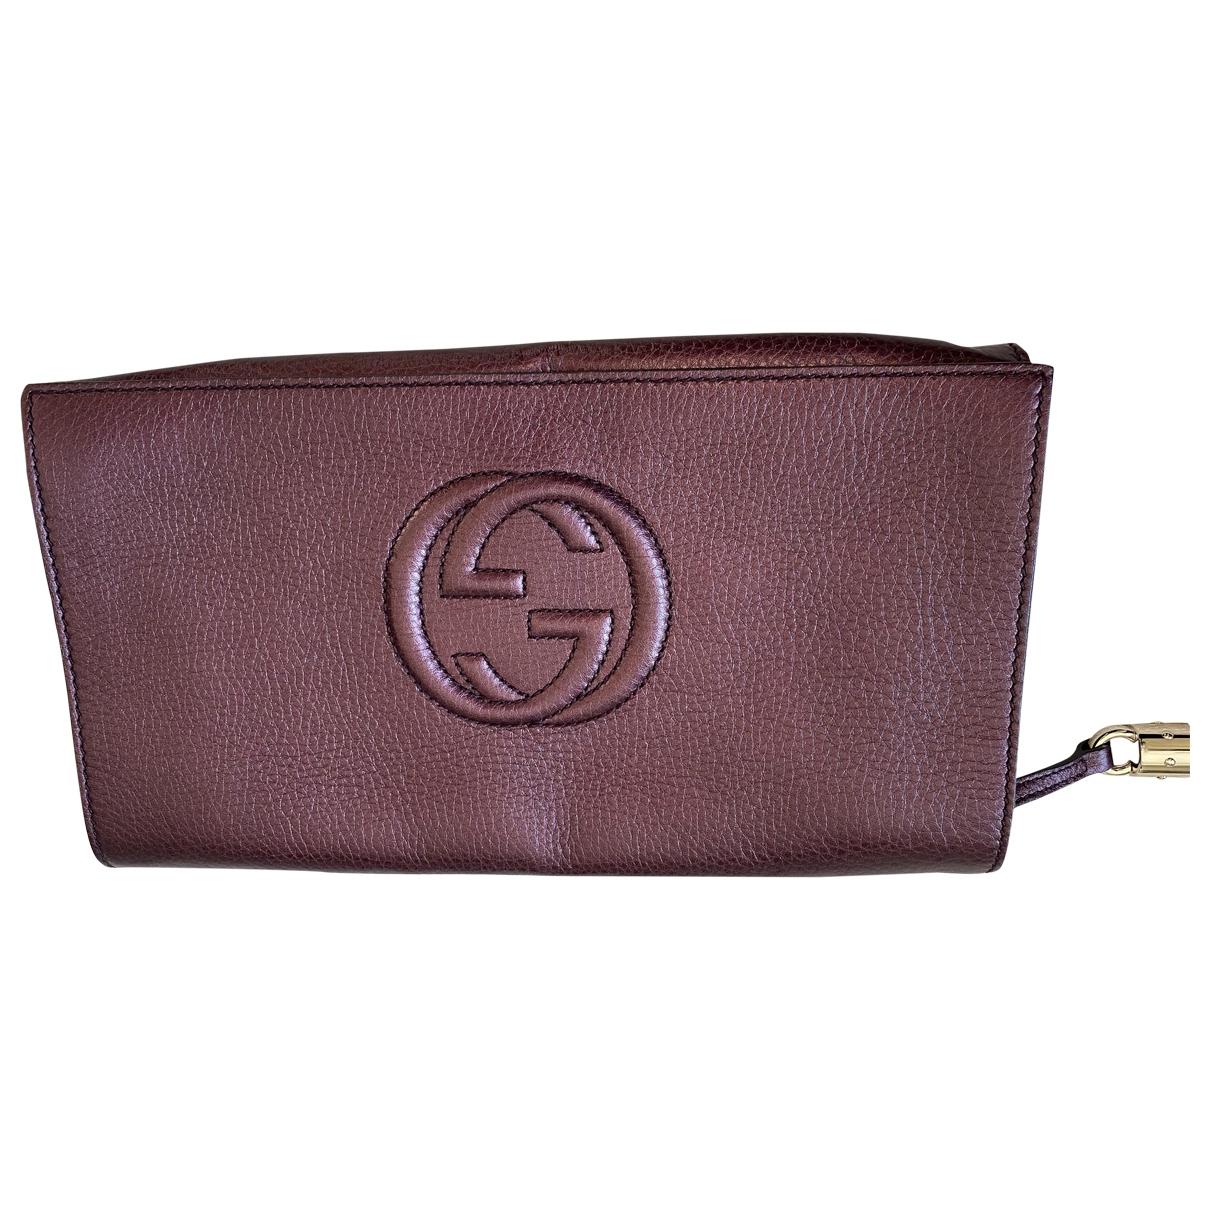 Gucci - Pochette Soho pour femme en cuir - violet